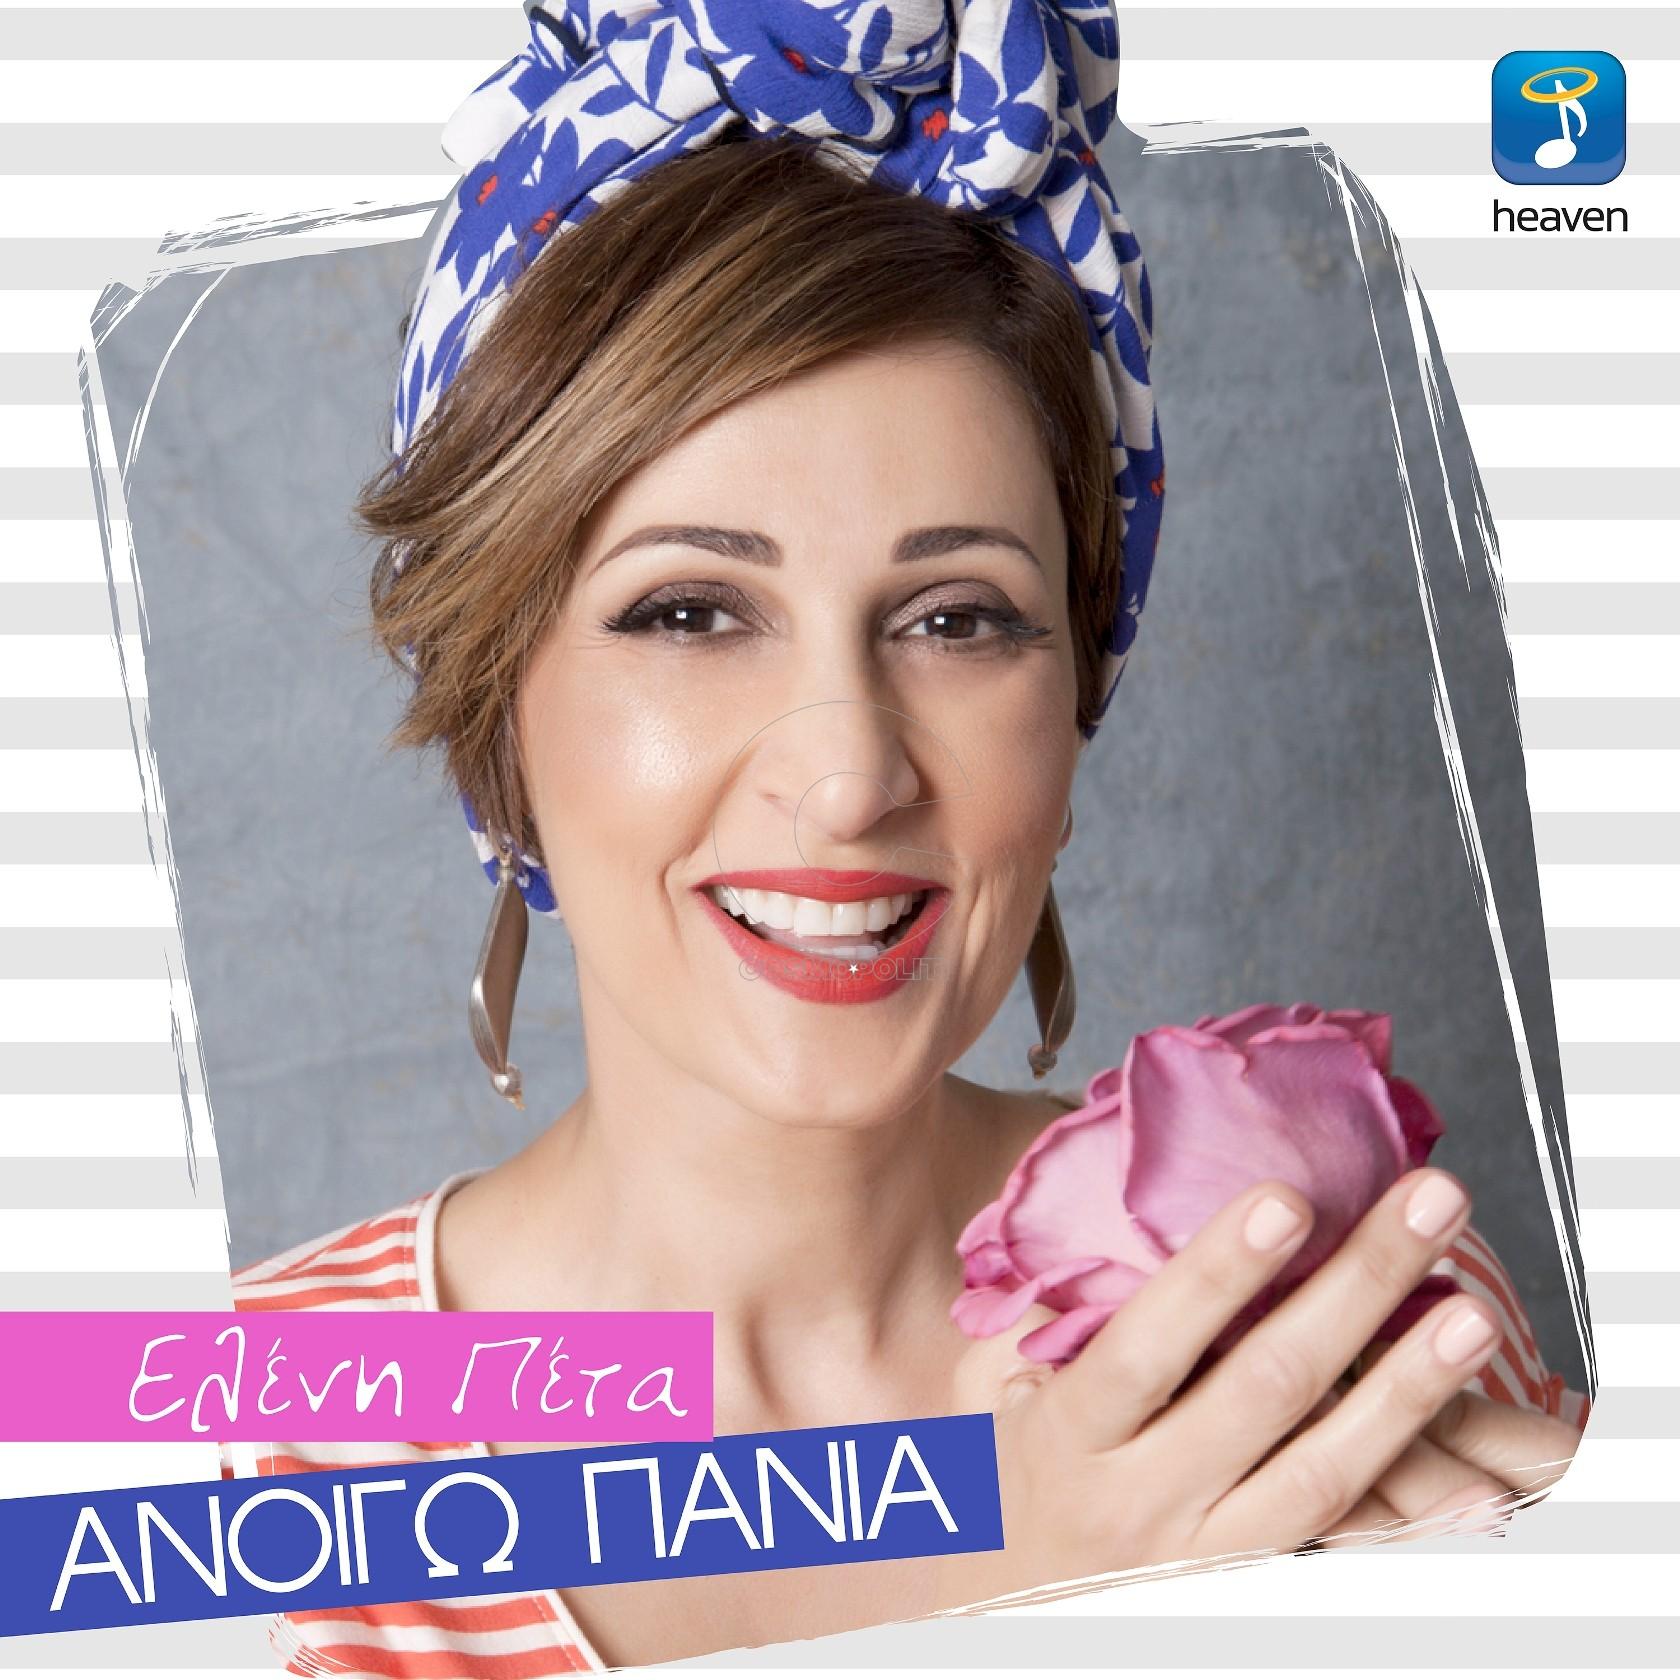 Ελένη Πέτα - Ανοίγω Πανιά - New single